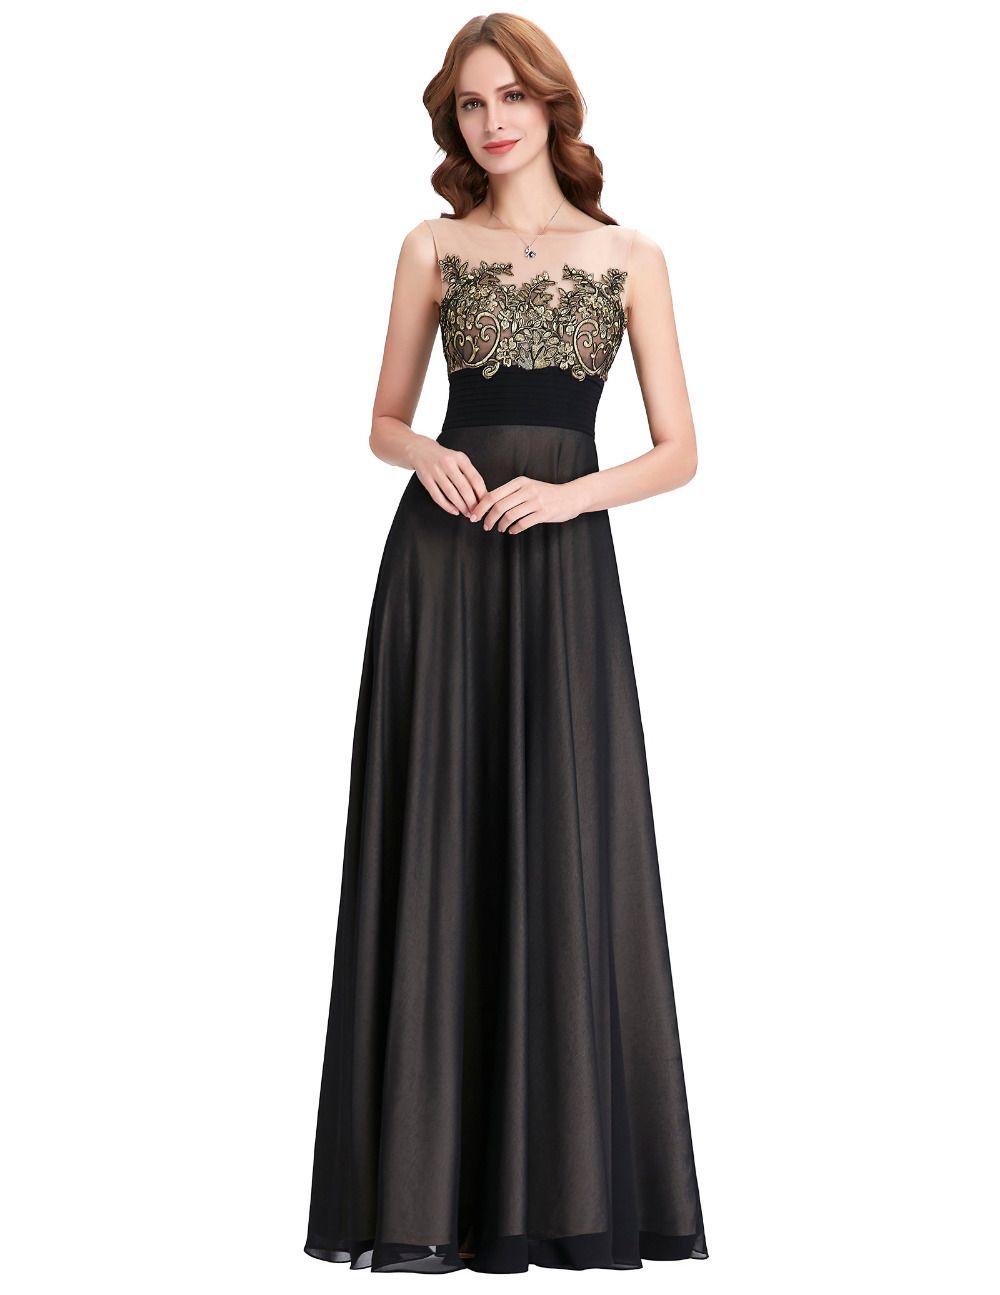 Kate kasin dentelle appliques robes de mari e longue for Robes noires pour demoiselle d honneur de mariage